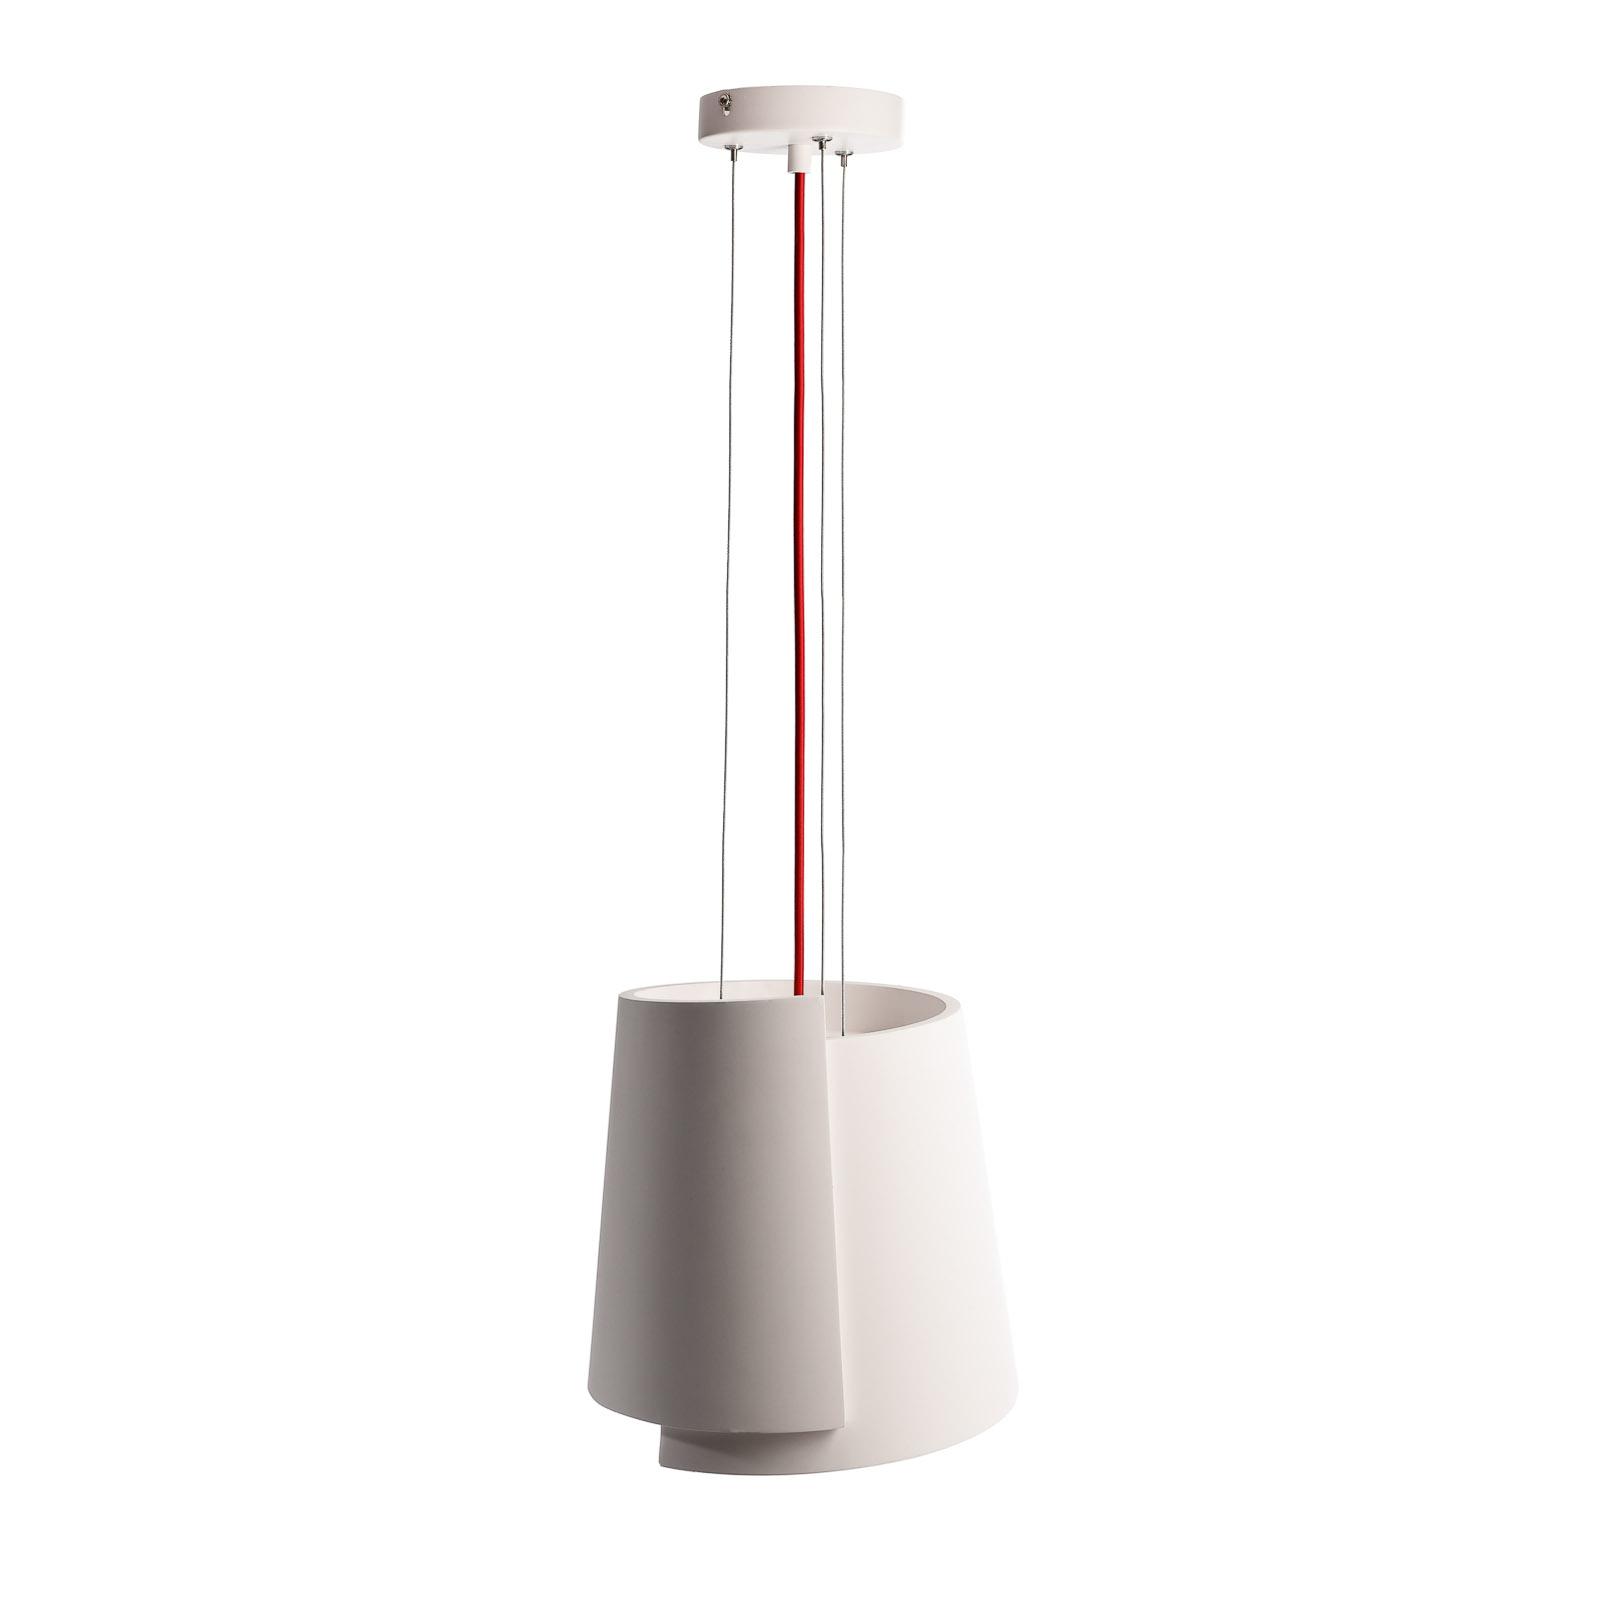 Suspension Twister II, blanche, Ø 28cm